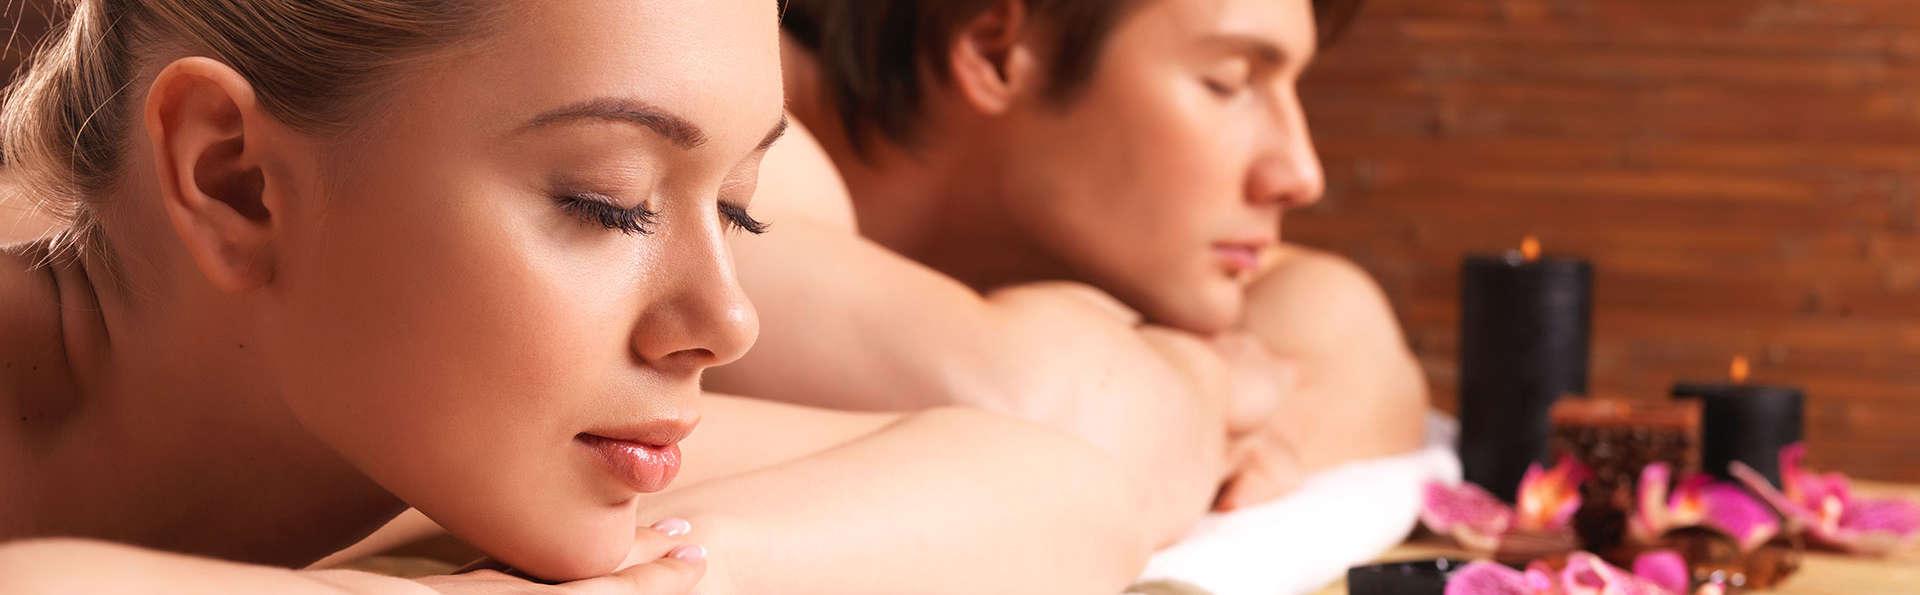 Soins aux algues et massage en duo en chambre deluxe dans un 4 étoiles en plein centre de Cannes